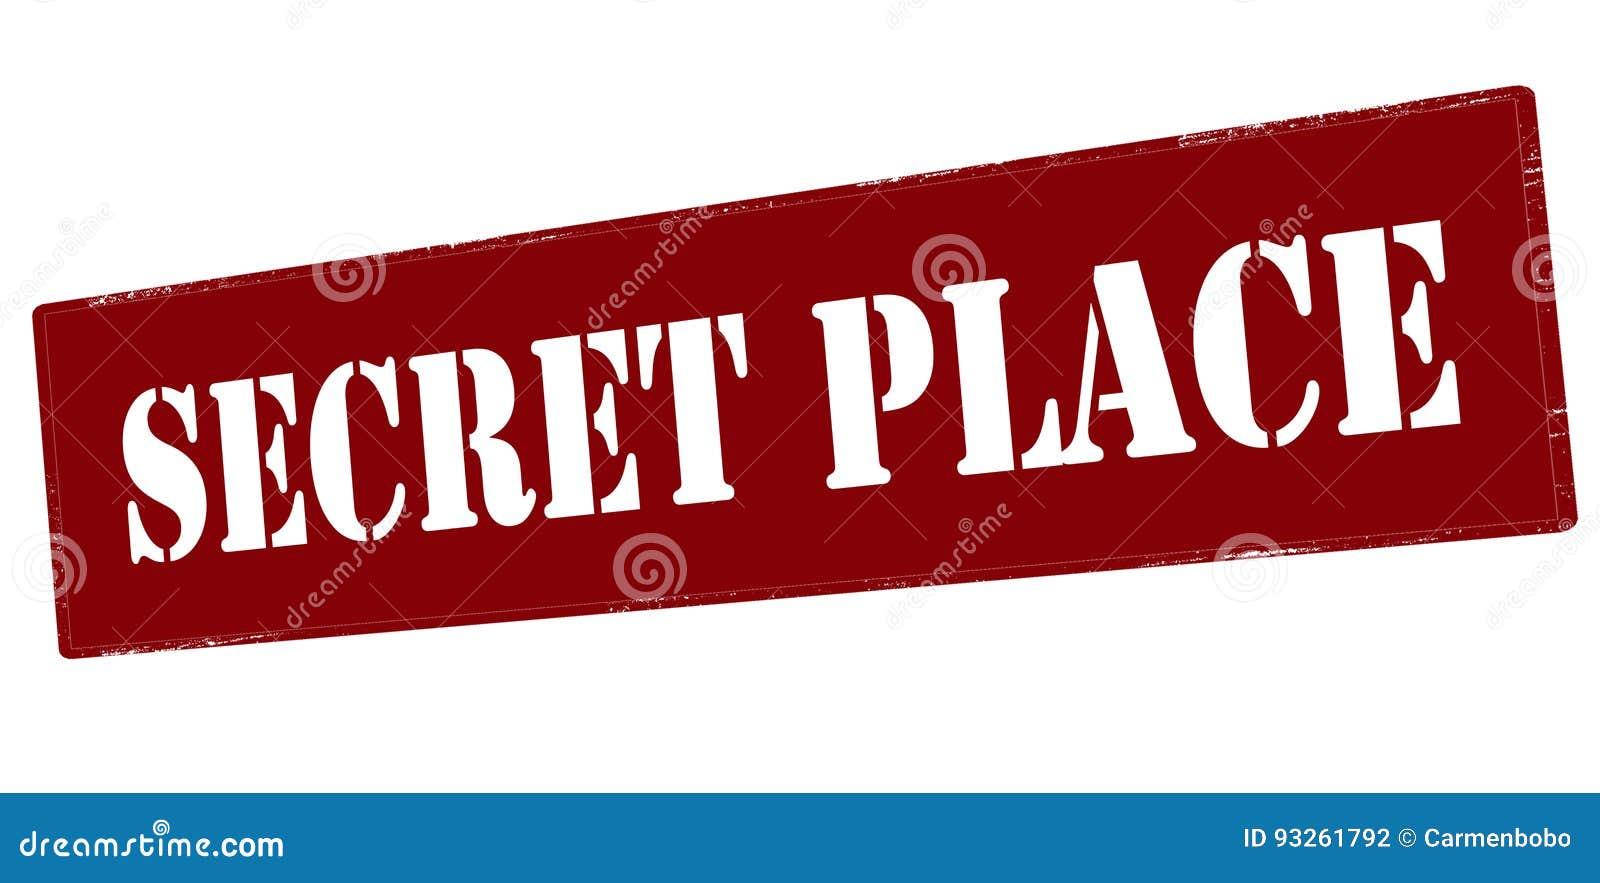 Place secrète